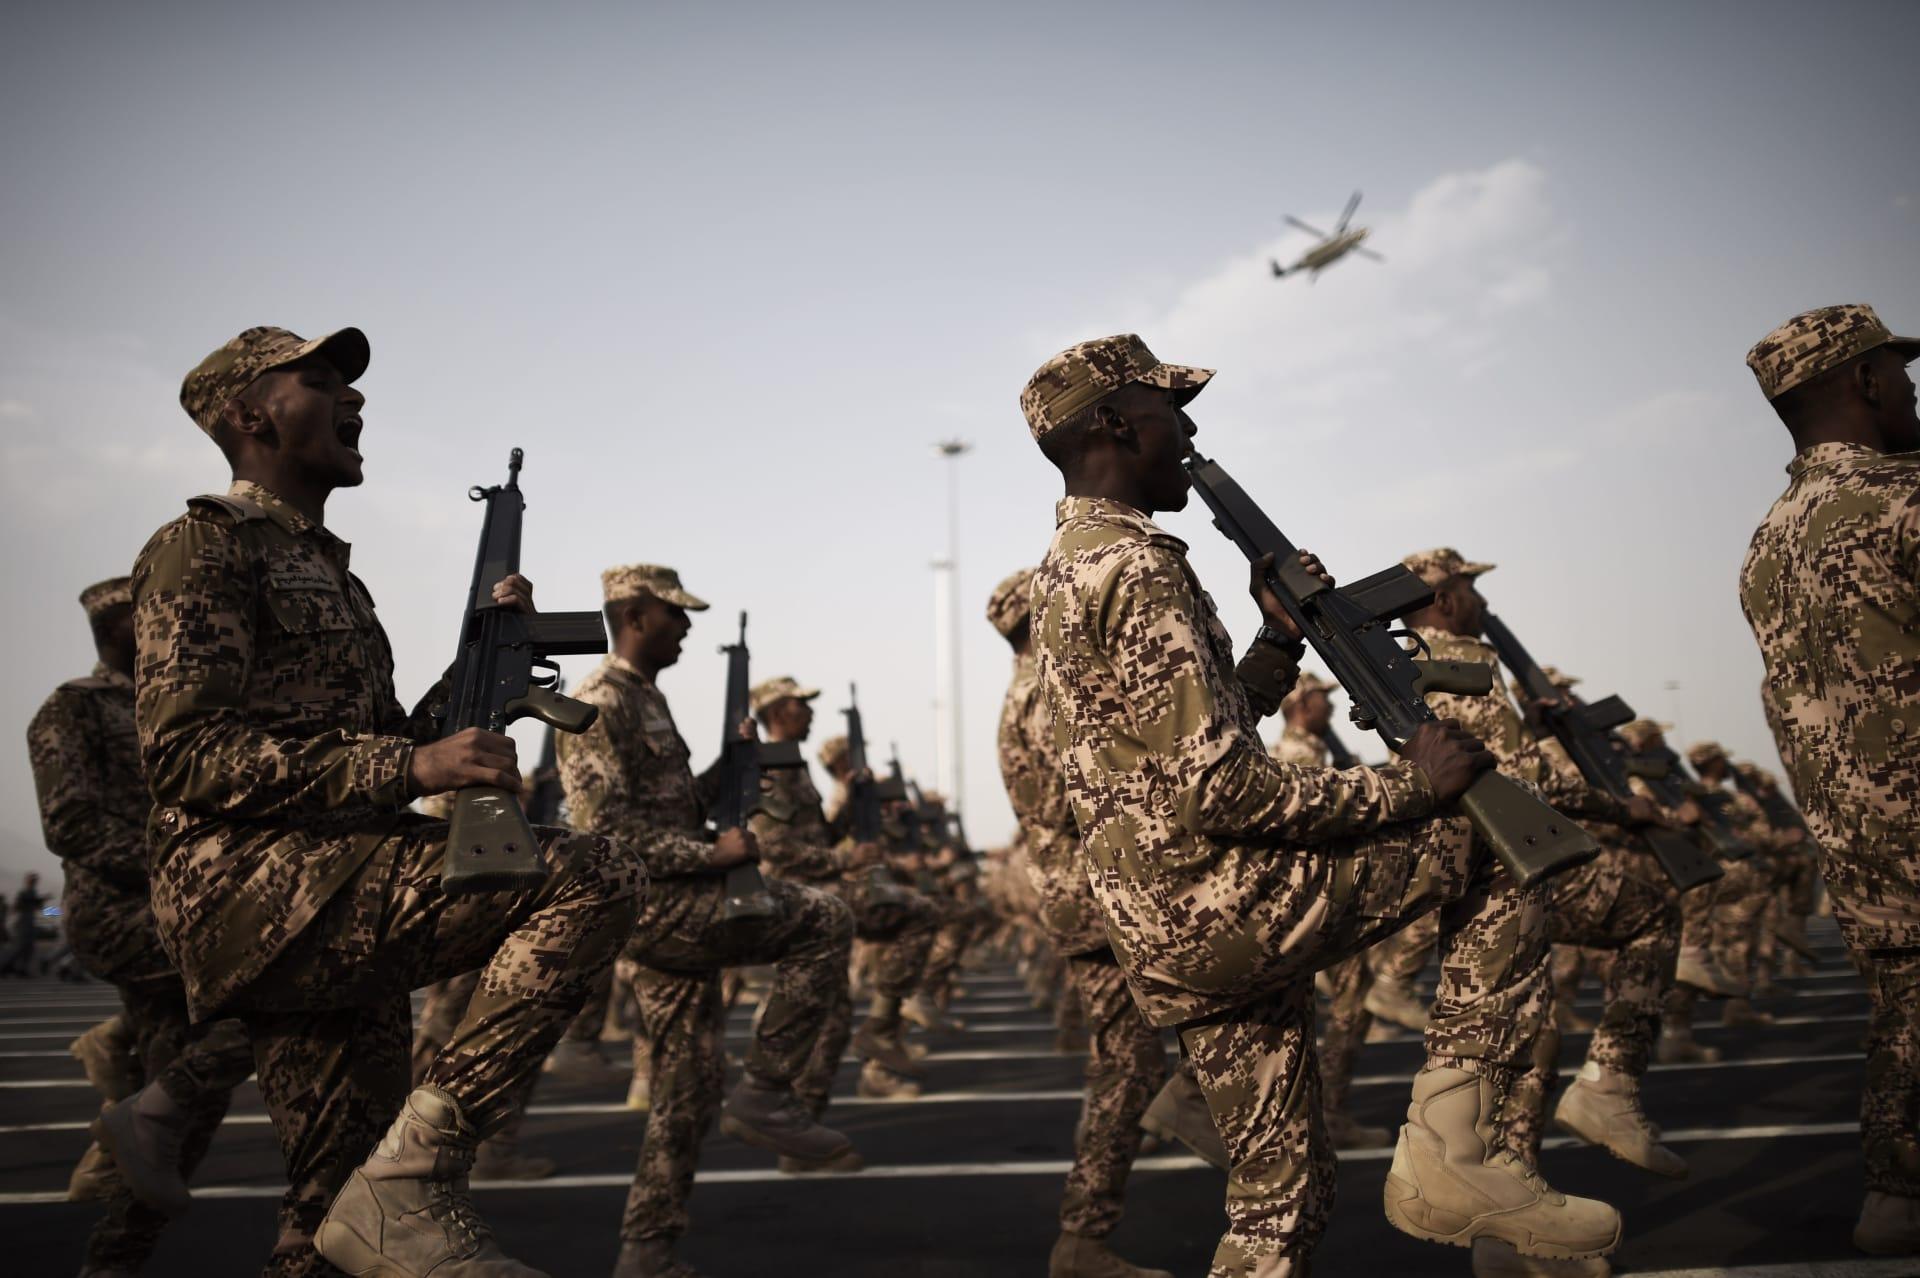 الرياض: السجن لعناصر خلية للقاعدة تضم سعوديين وقطري وأفغاني خططوا لهجمات ضد قوات أمريكية بقطر والكويت